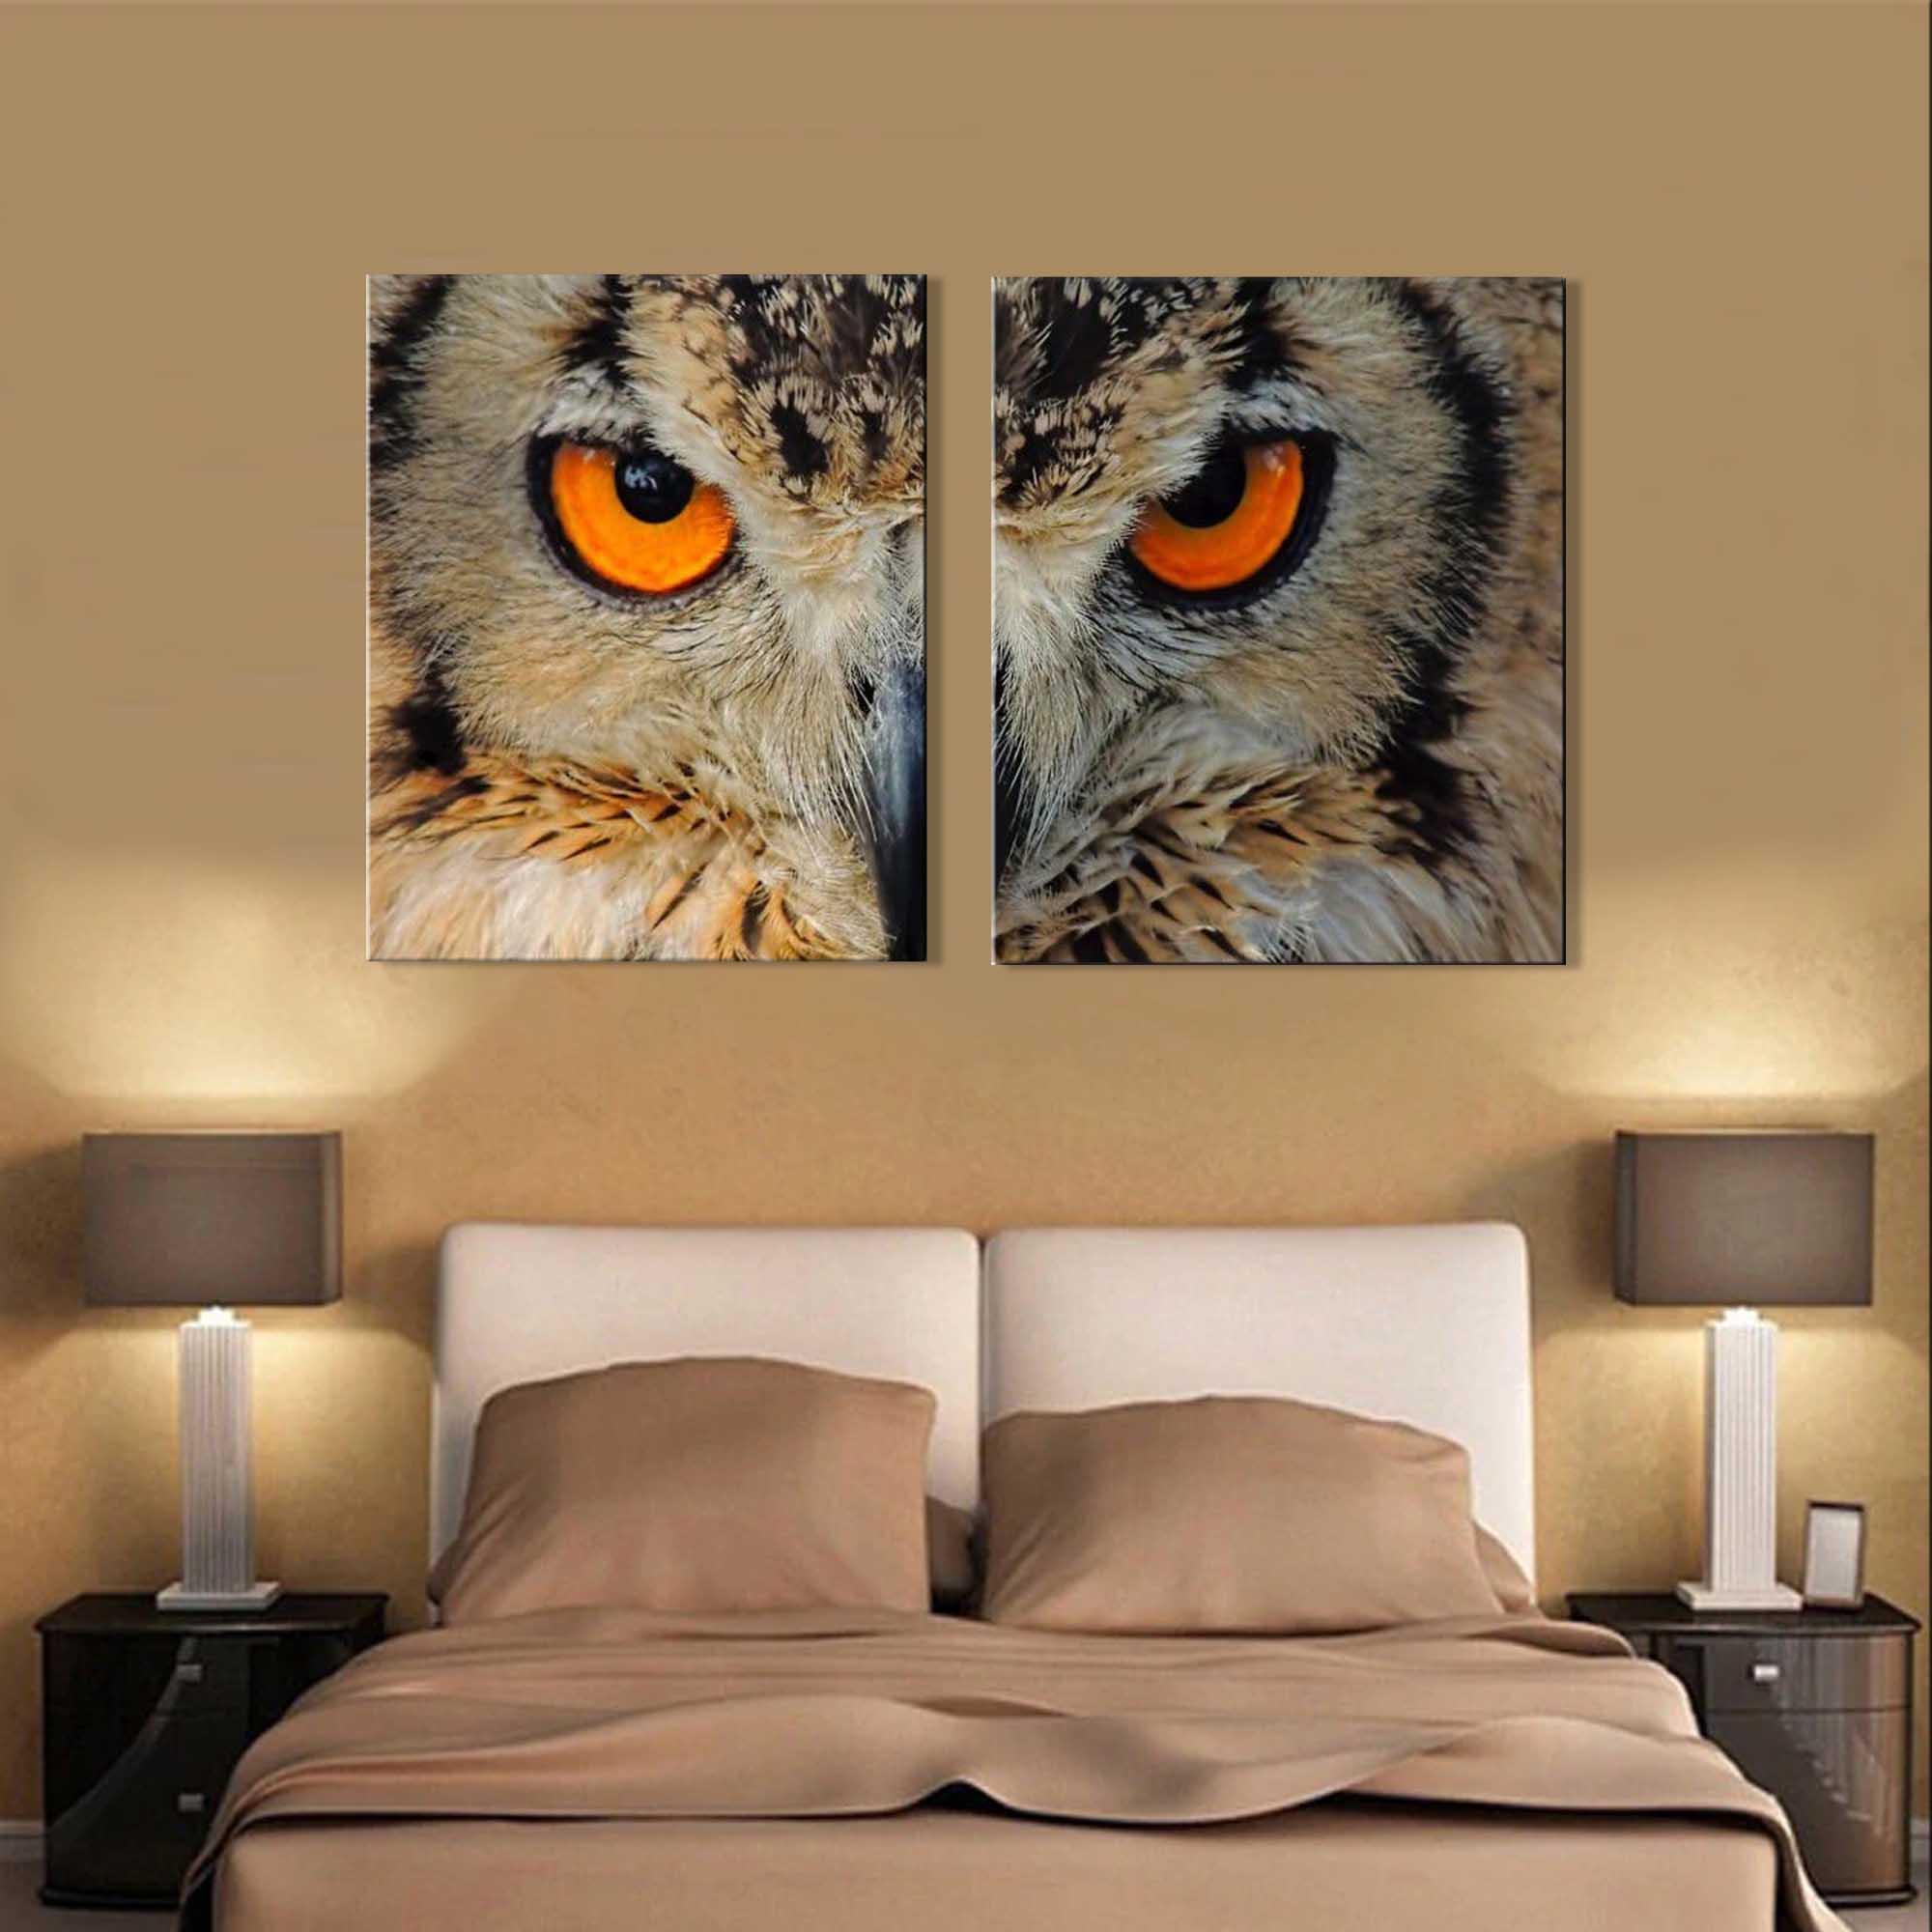 Quadro decorativo paisagem coruja para quartos e salas 2 peças